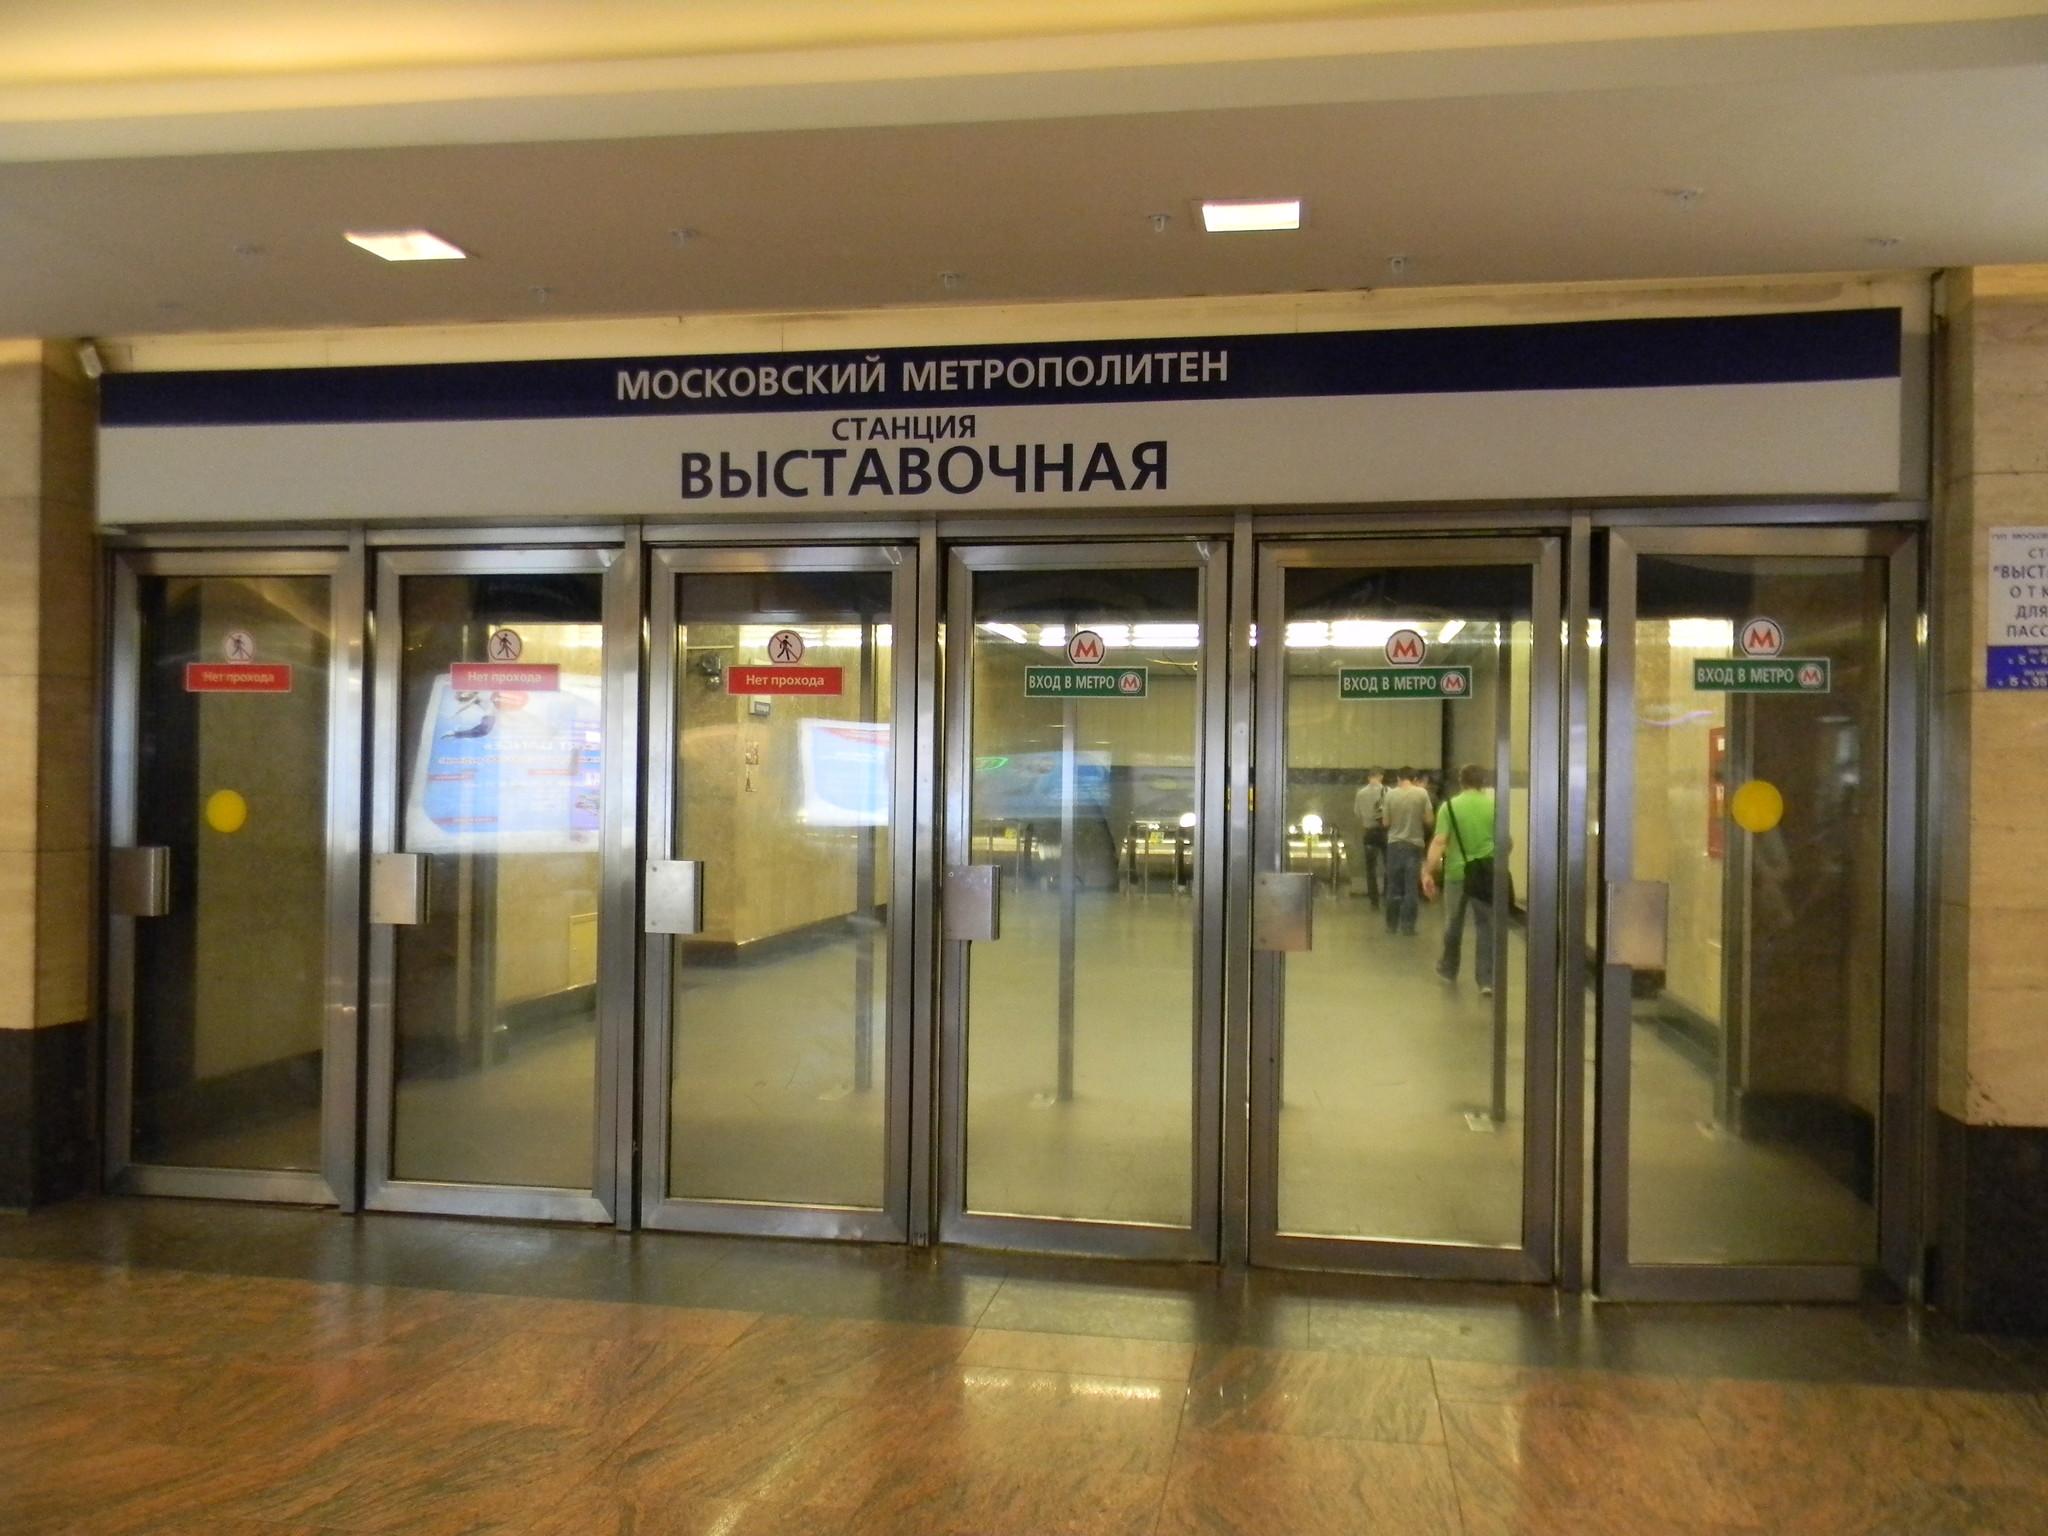 Станция «Выставочная» Московского метрополитена